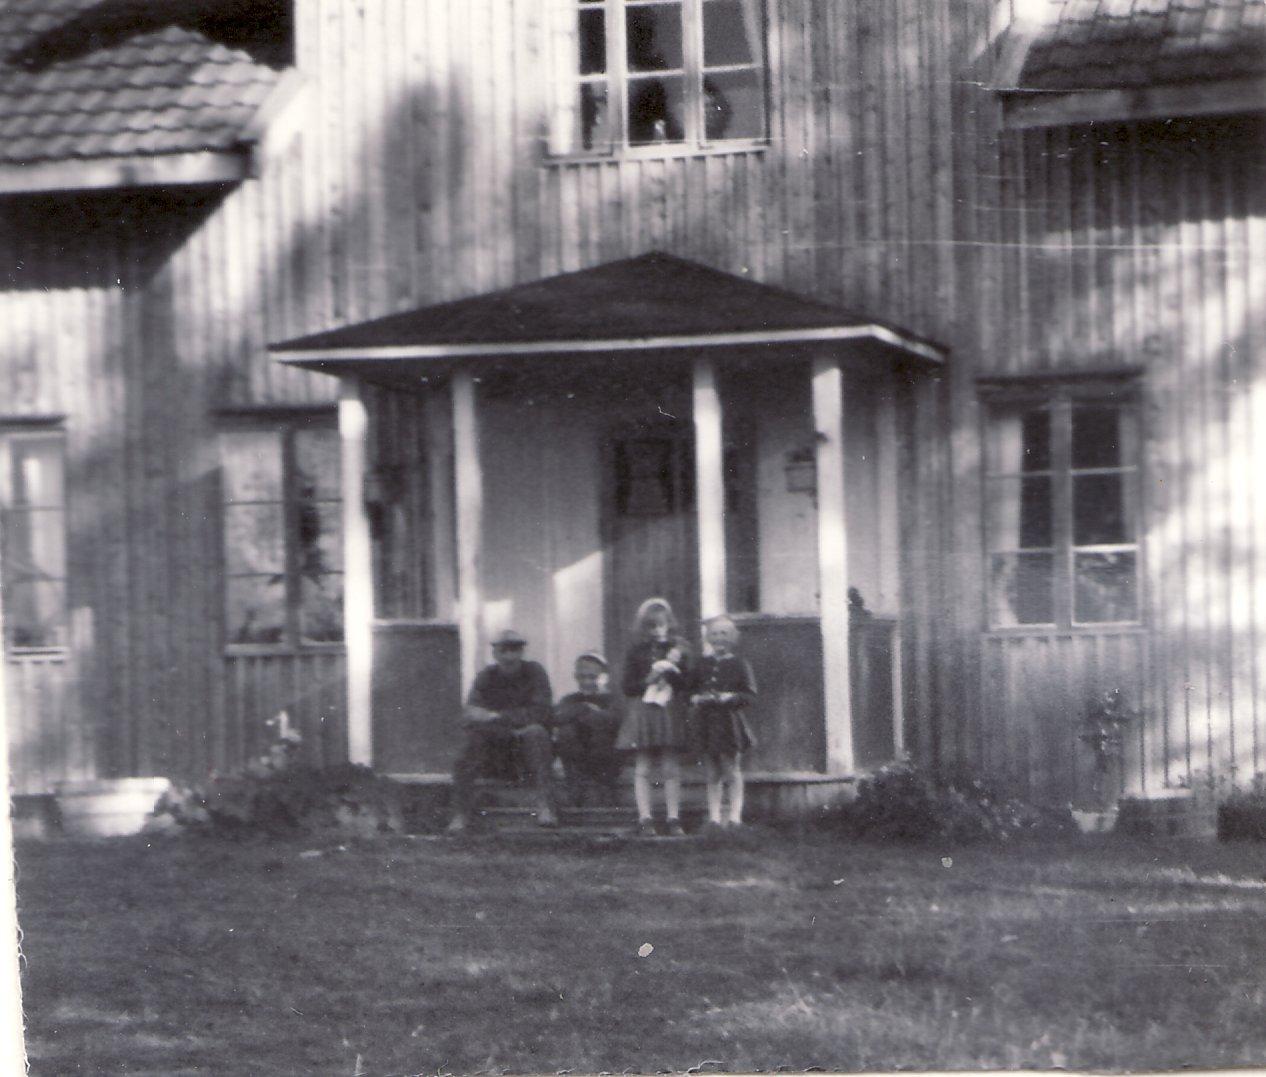 Huset 1952 med Nisse, Staffan, Ingrid Wadsby och Inger